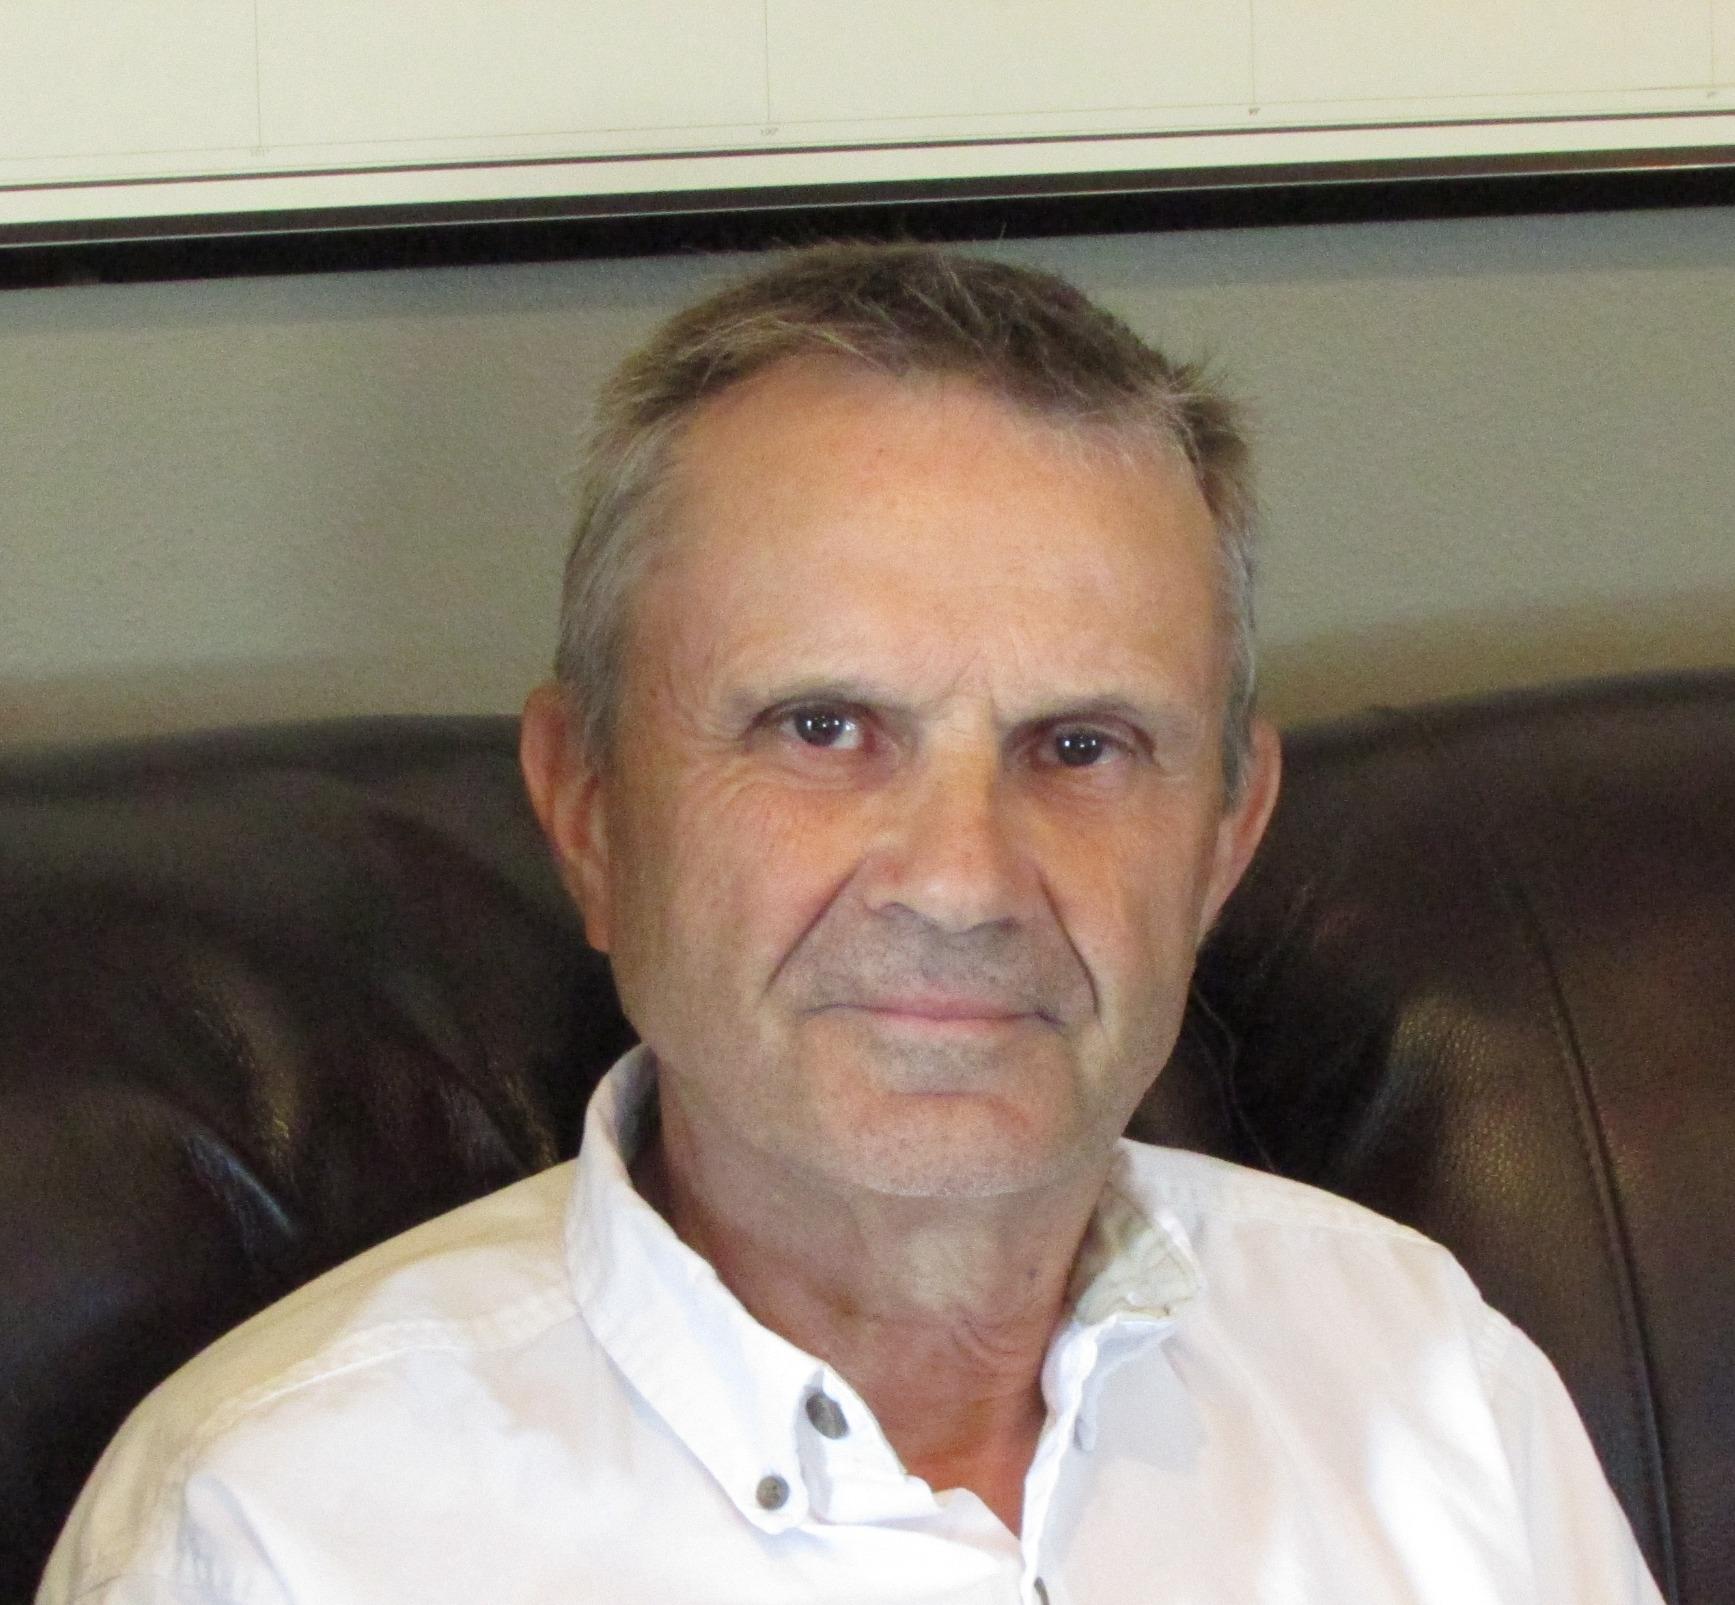 Gregg Hubner